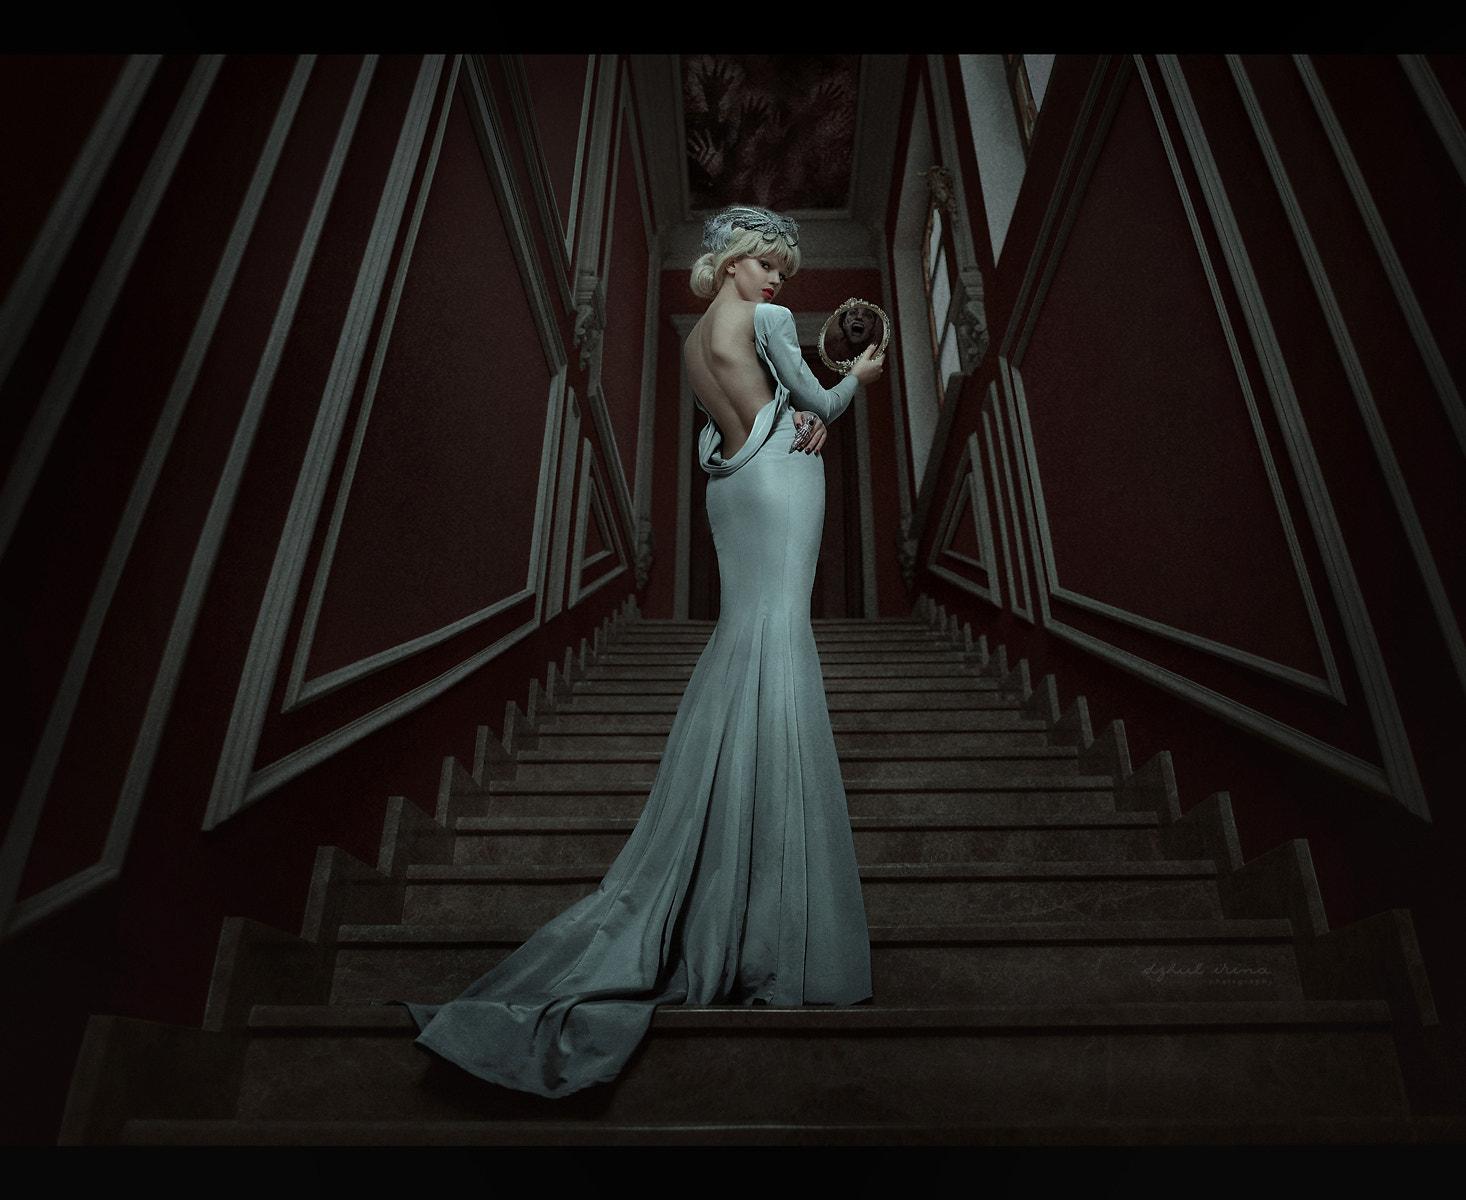 Spiegel Treppen hintergrundbilder irina dzhul treppe spiegel zurückblicken